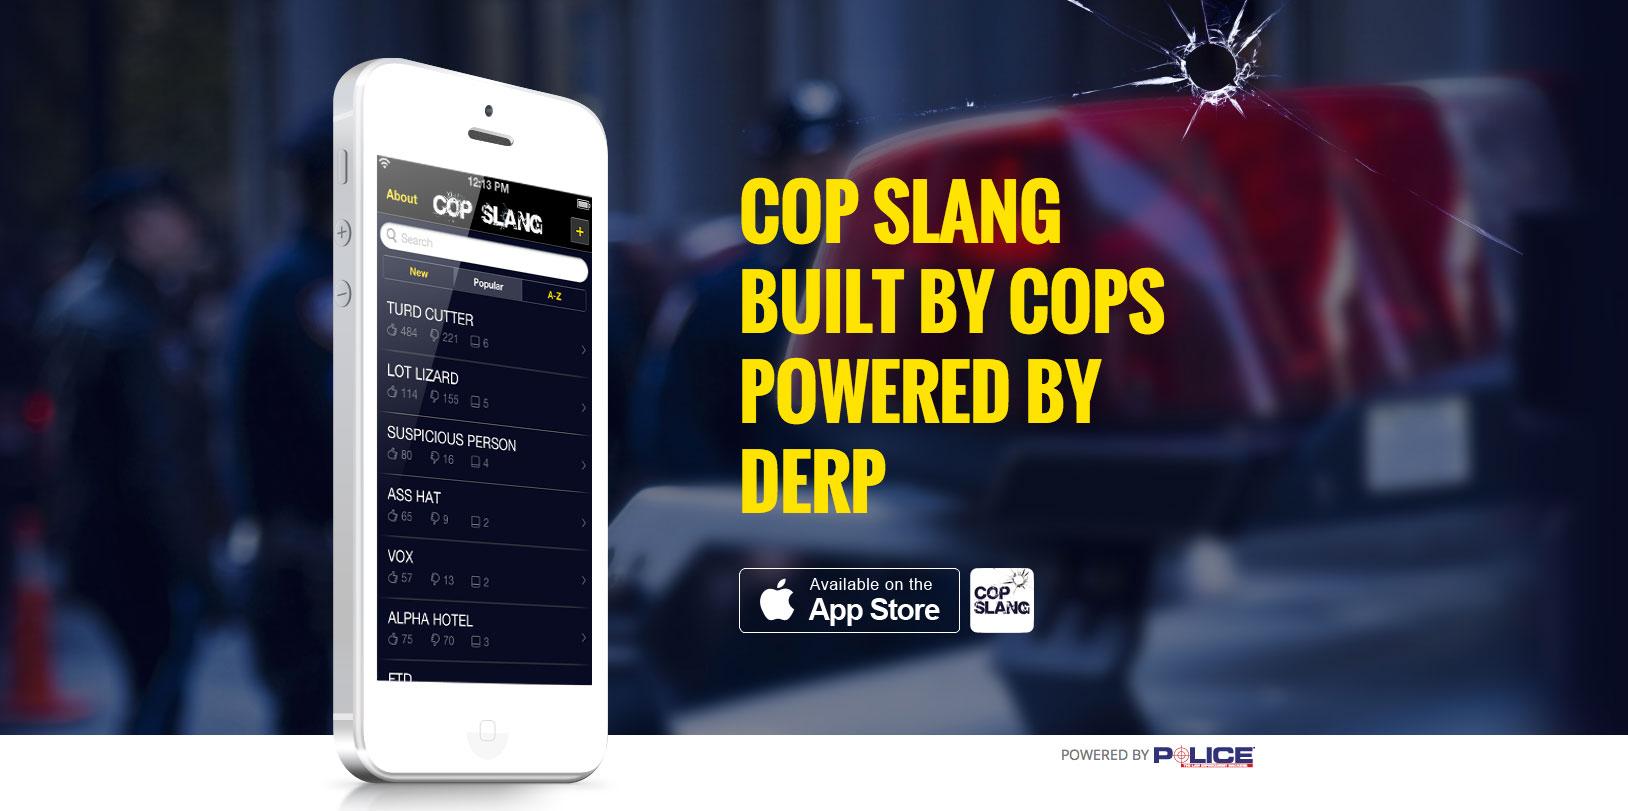 Cop-Slang